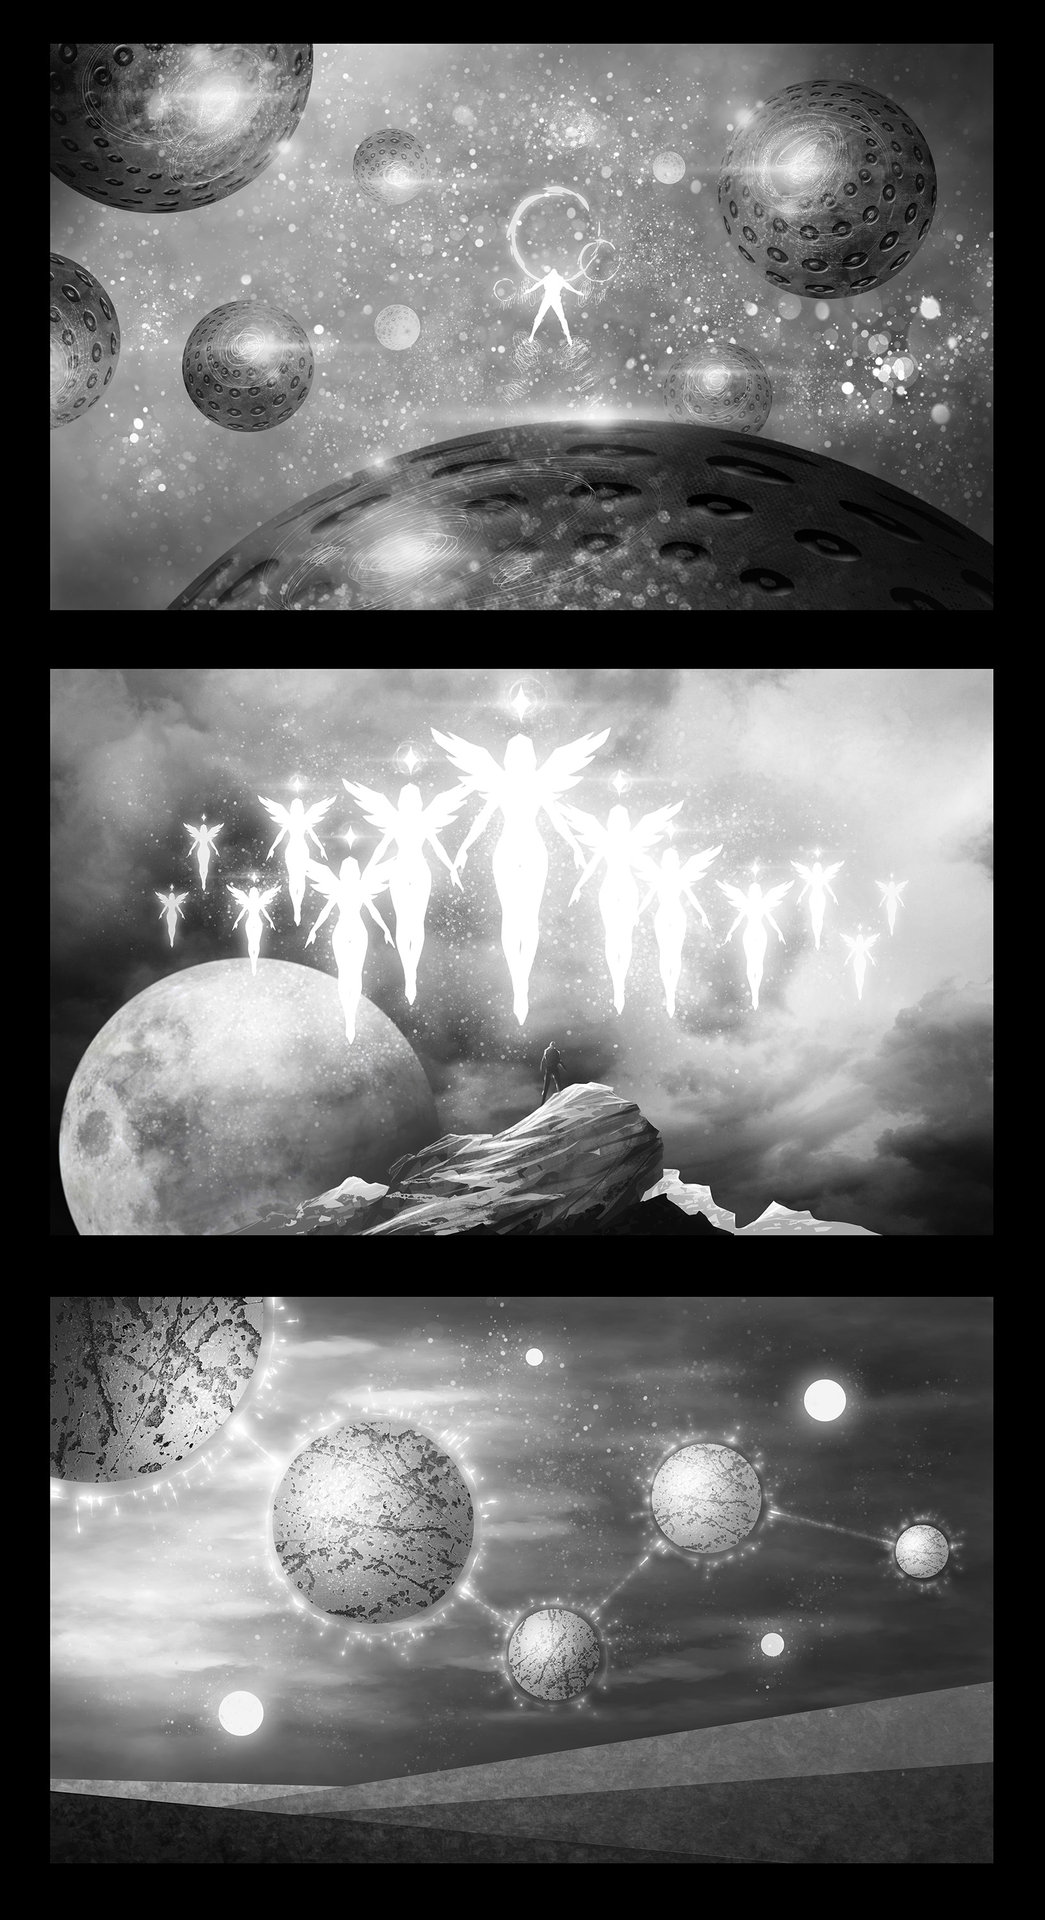 Kareem ahmed fantazy landscapes 2